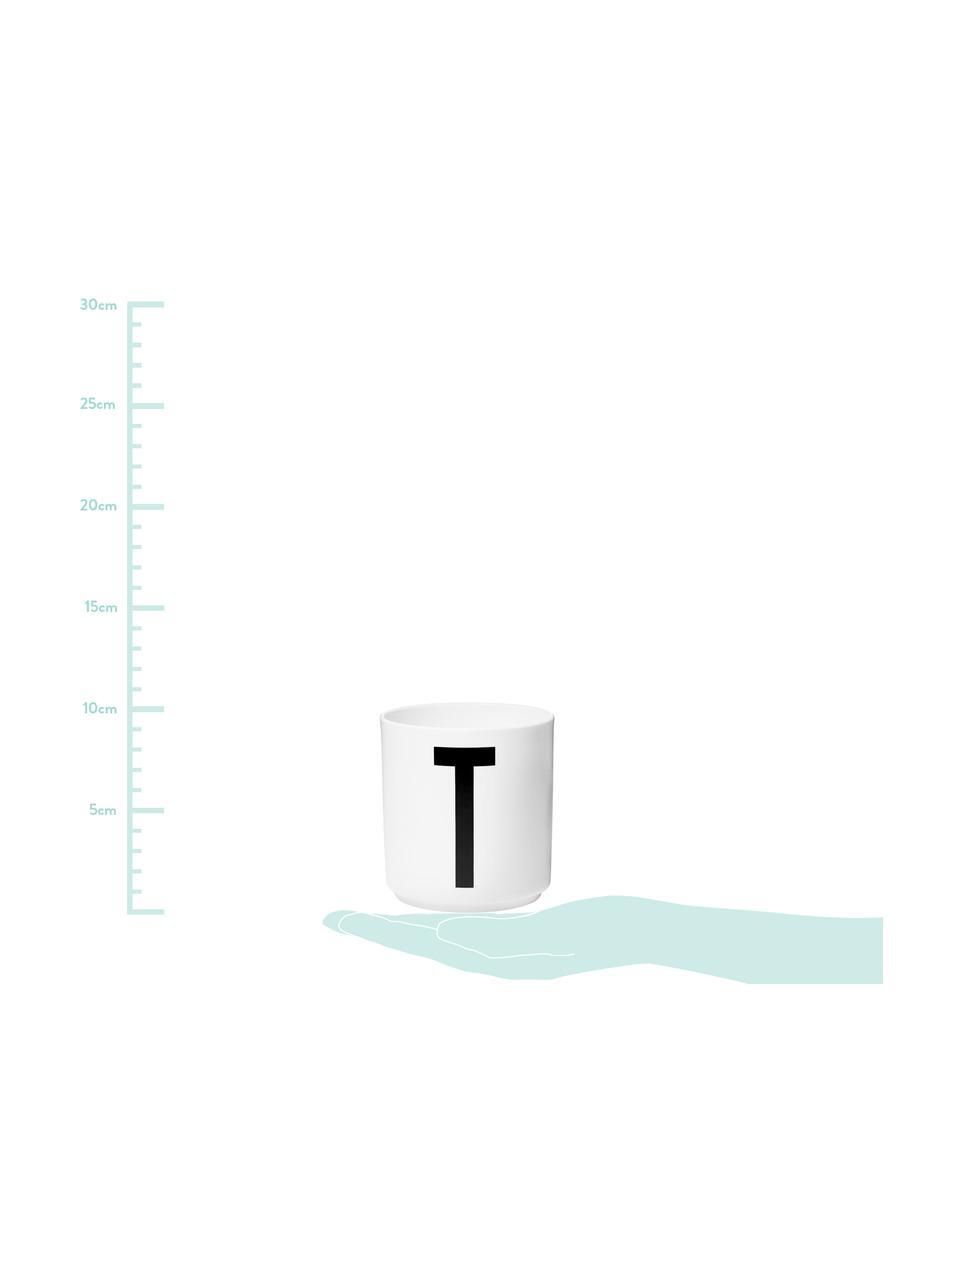 Design Becher Personal mit Buchstaben (Varianten von A bis Z), Fine Bone China (Porzellan) Fine Bone China ist ein Weichporzellan, das sich besonders durch seinen strahlenden, durchscheinenden Glanz auszeichnet., Weiß, Schwarz, Becher T